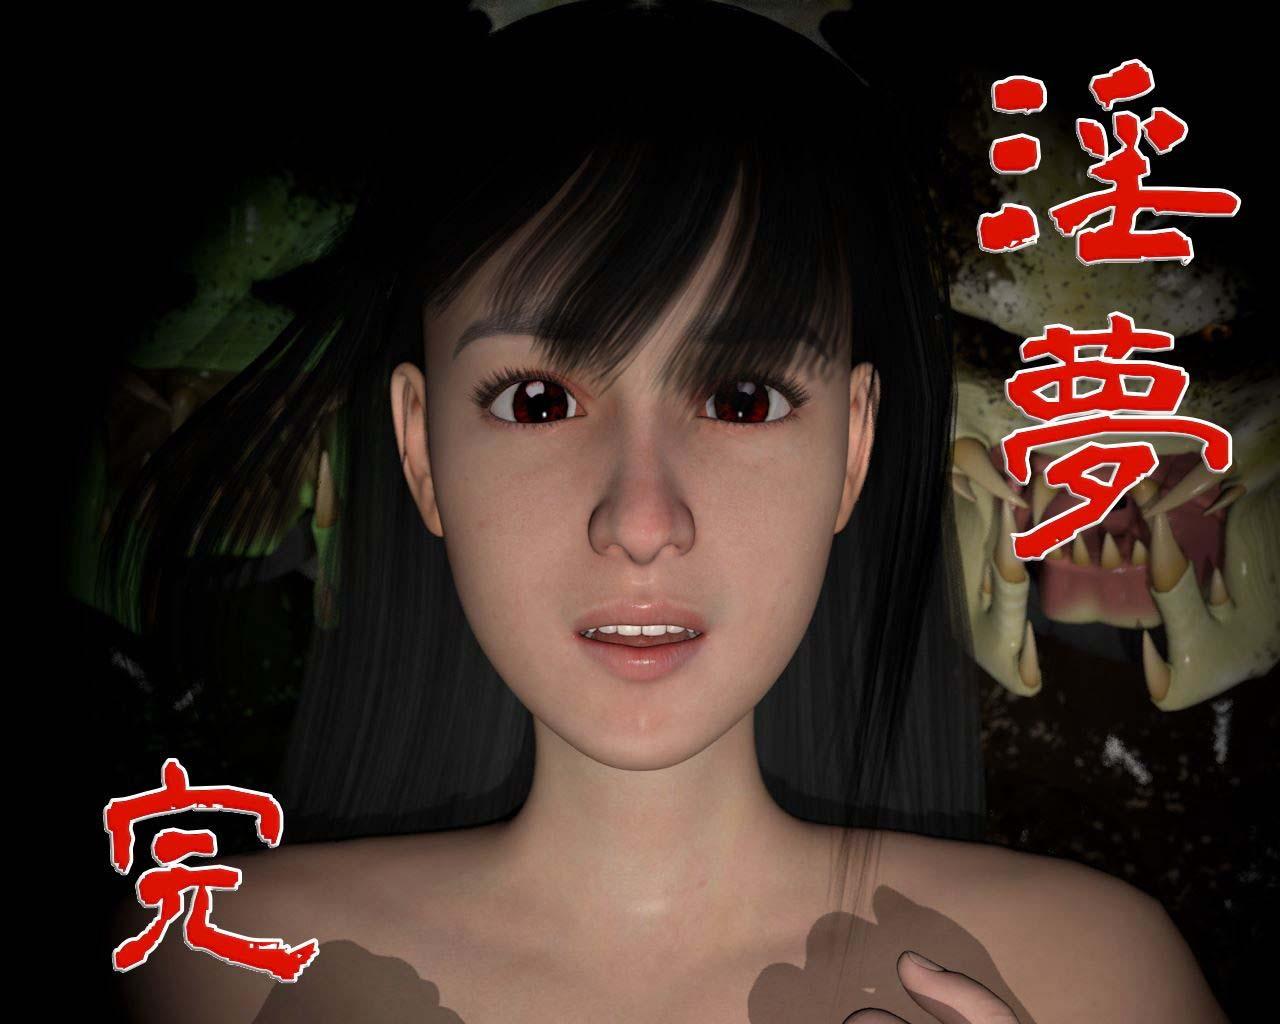 淫夢動画版